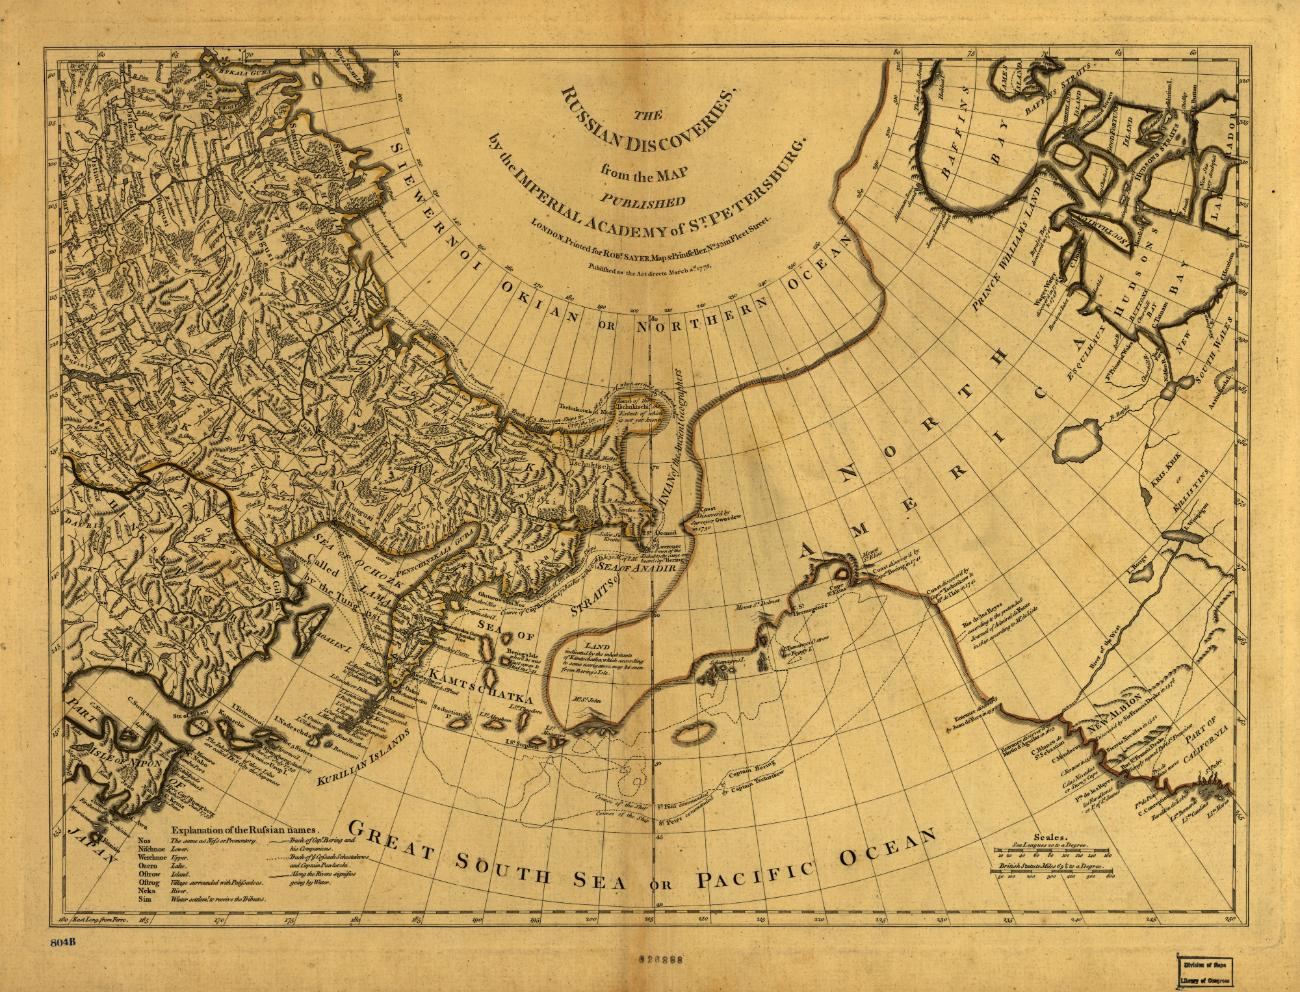 「サンクトペテルブルク帝国アカデミーにより出版された地図に基づくロシアの発見」 =アメリカ合衆国議会の図書館